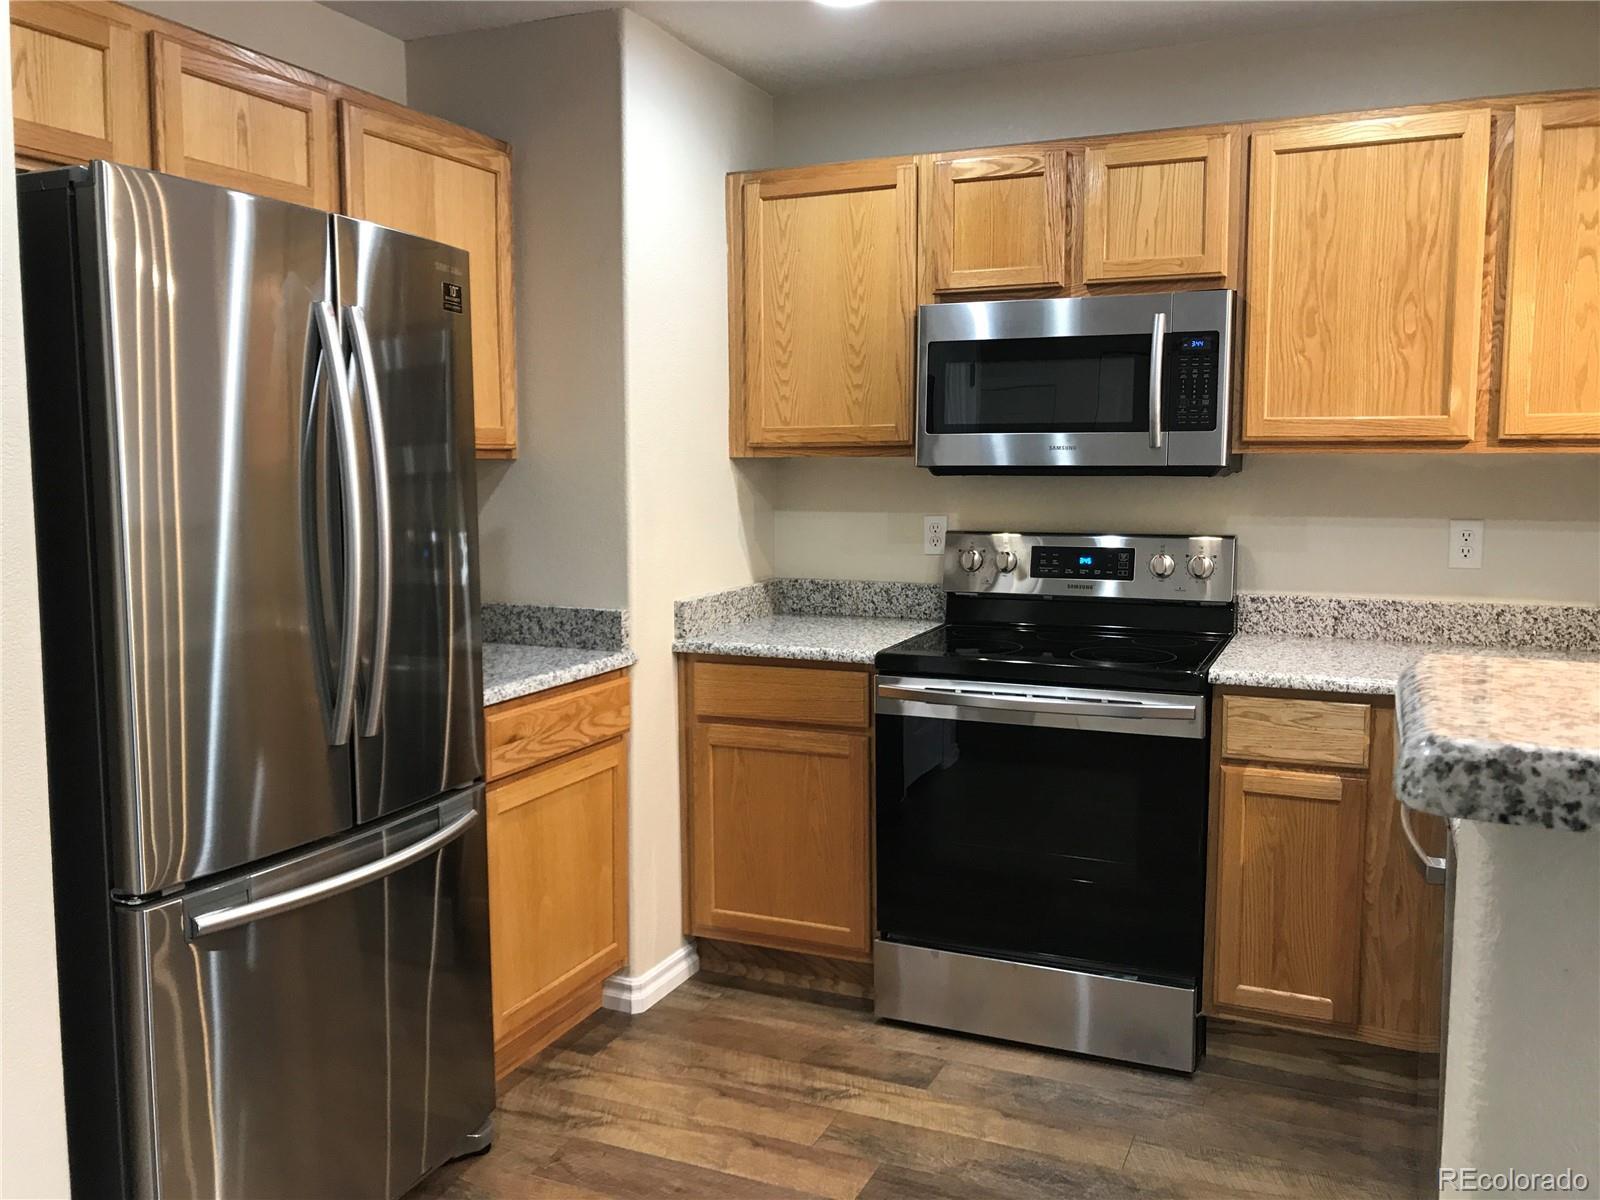 MLS# 6404441 - 2 - 2020 Dove Creek Court, Loveland, CO 80538